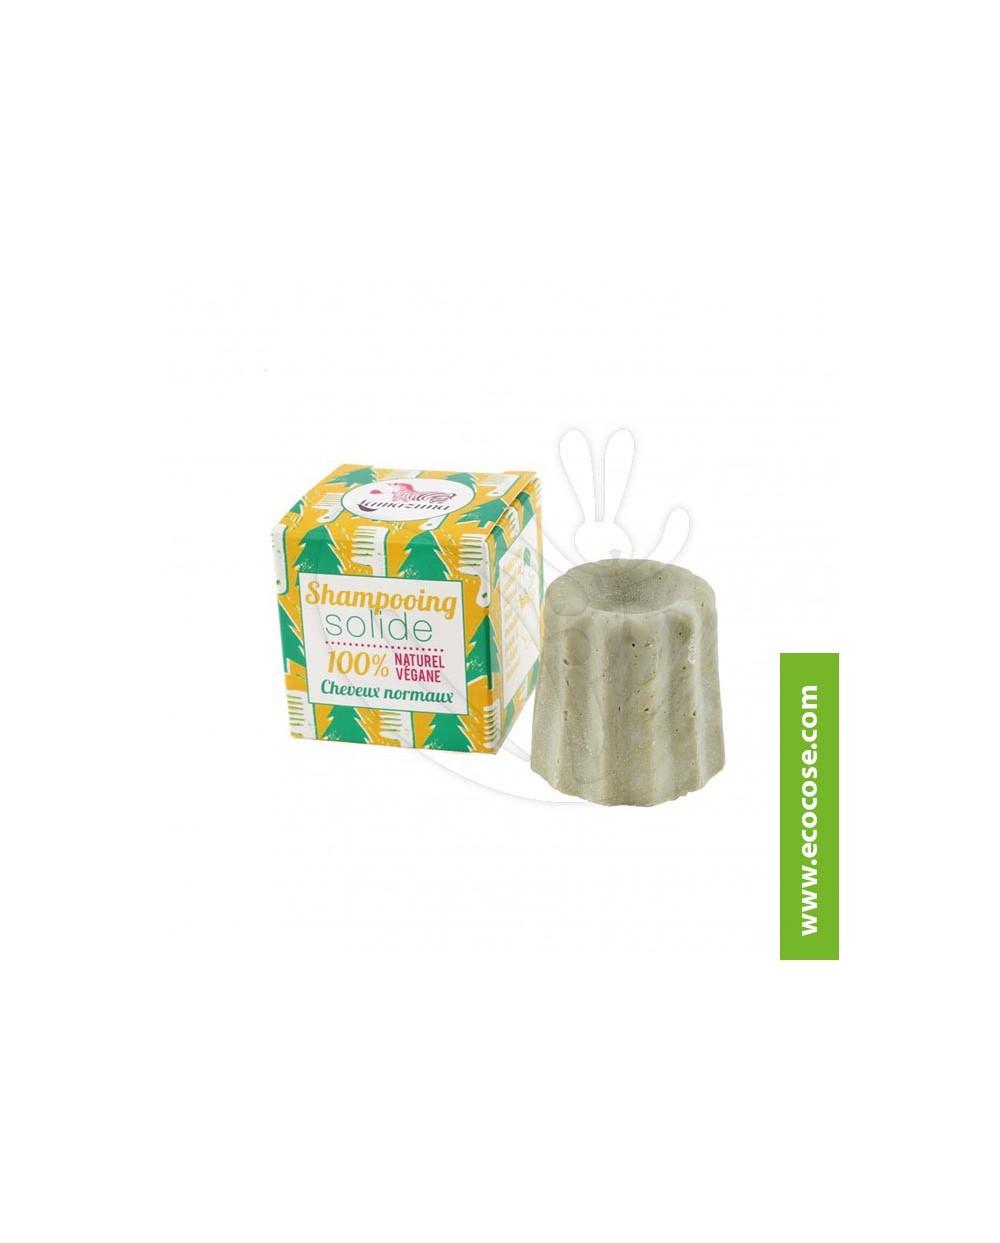 Lamazuna - Shampoo solido al pino silvestre - Capelli normali